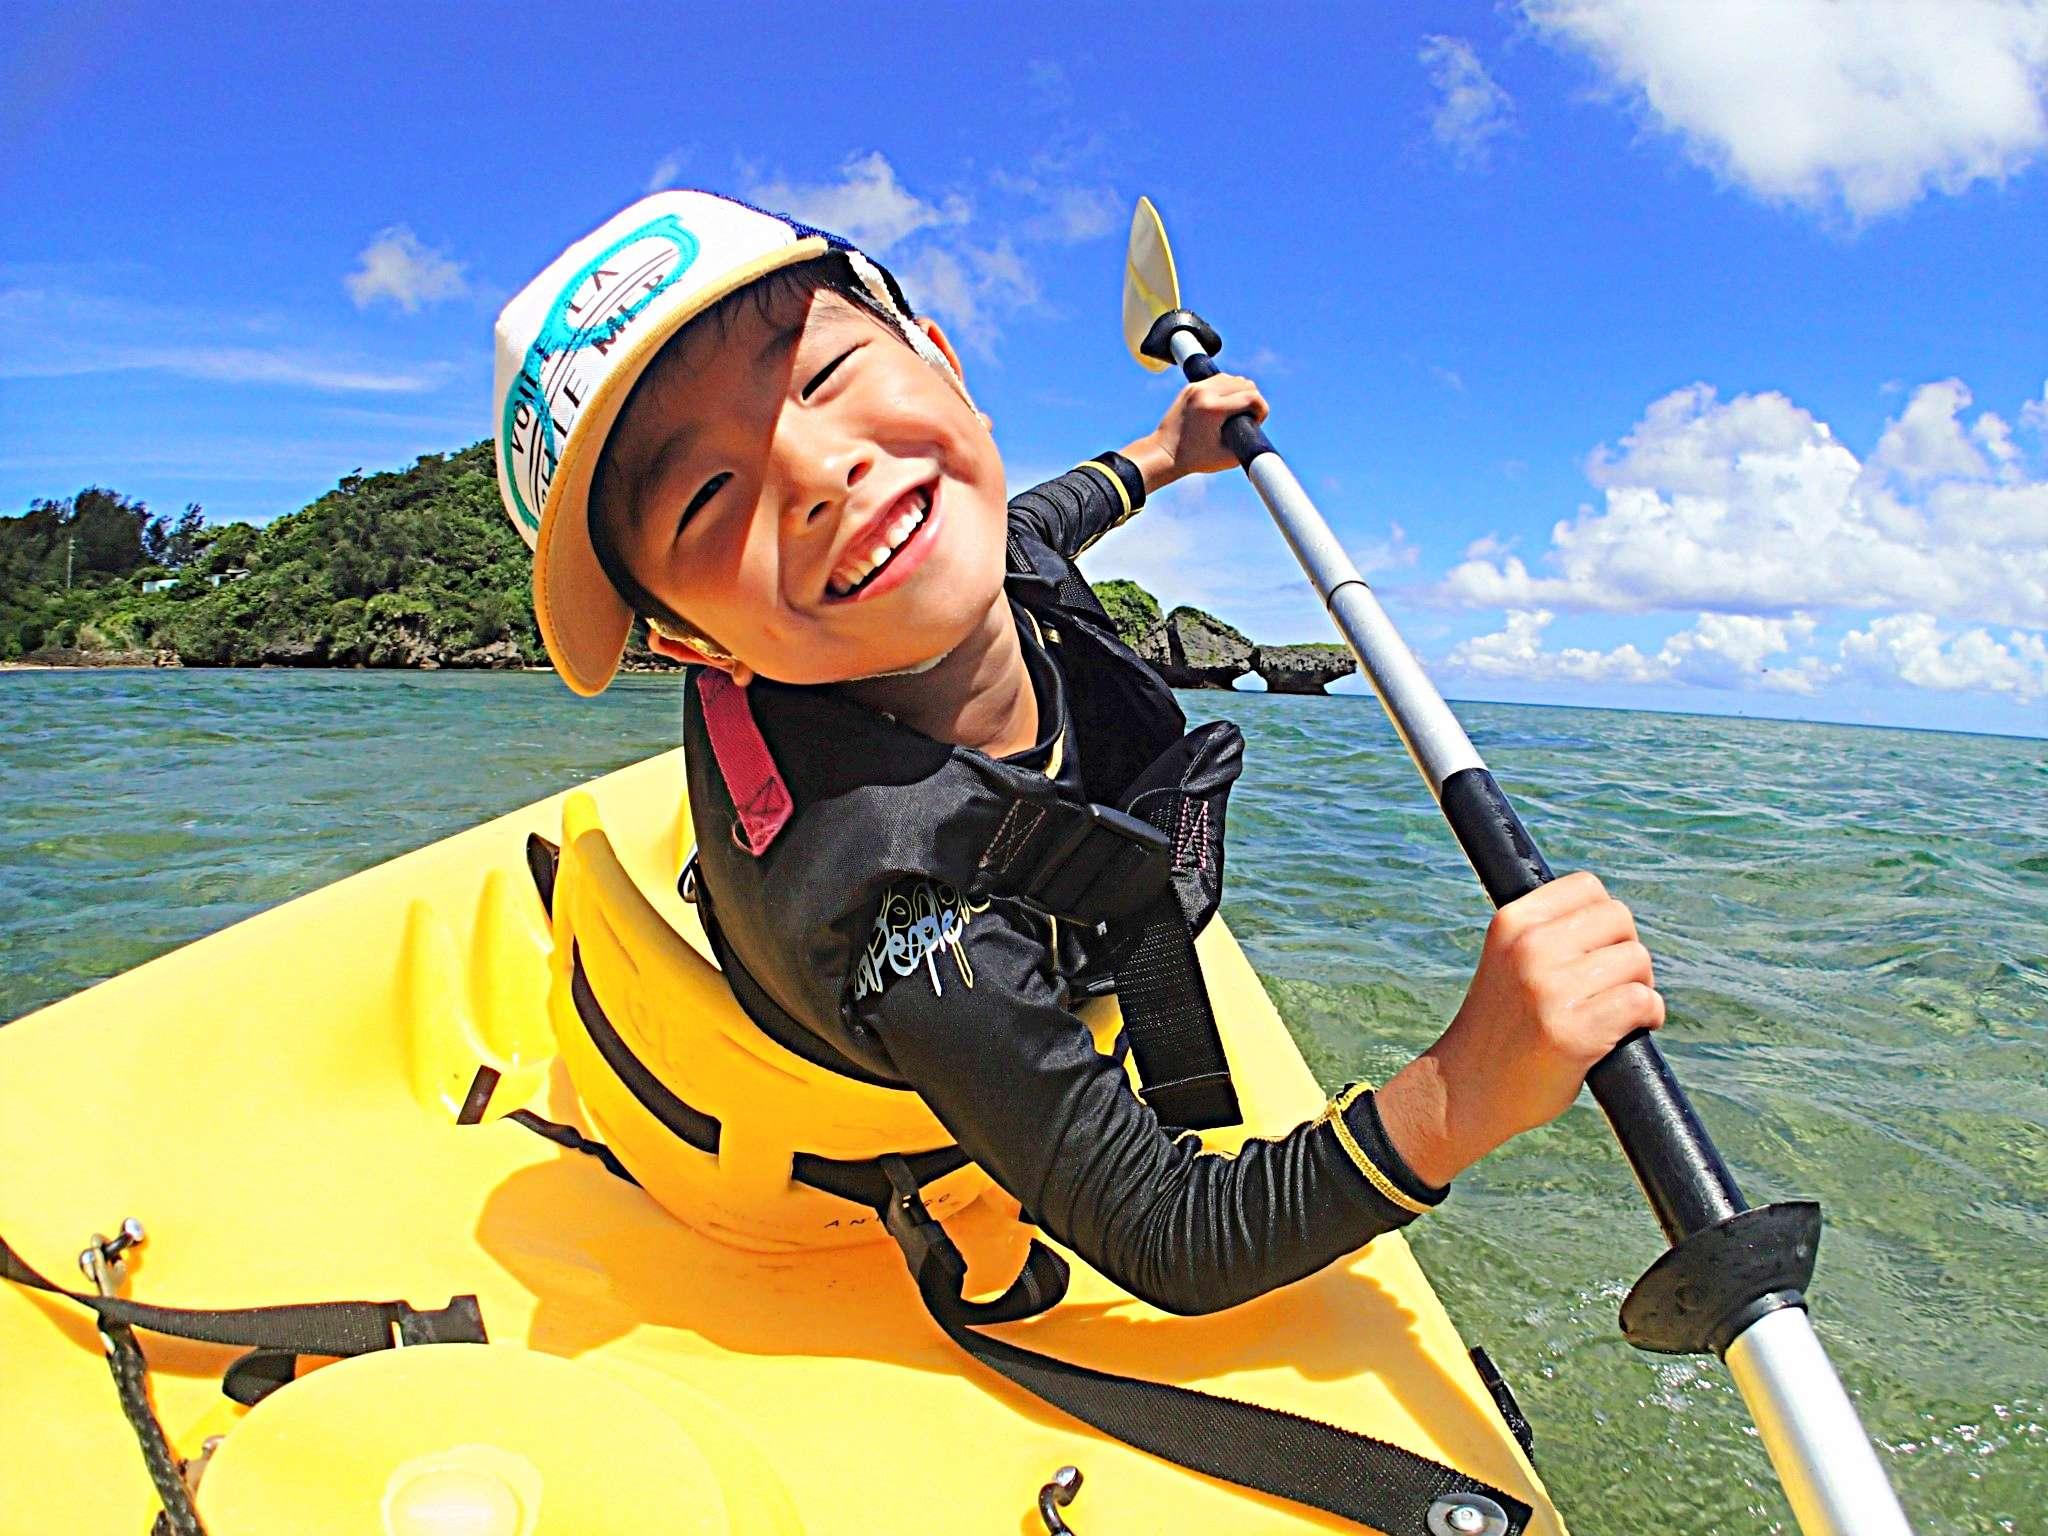 【恩納村】2歳から参加可能!カヤック&南国ホワイトビーチで熱帯魚シュノーケル(No.86)